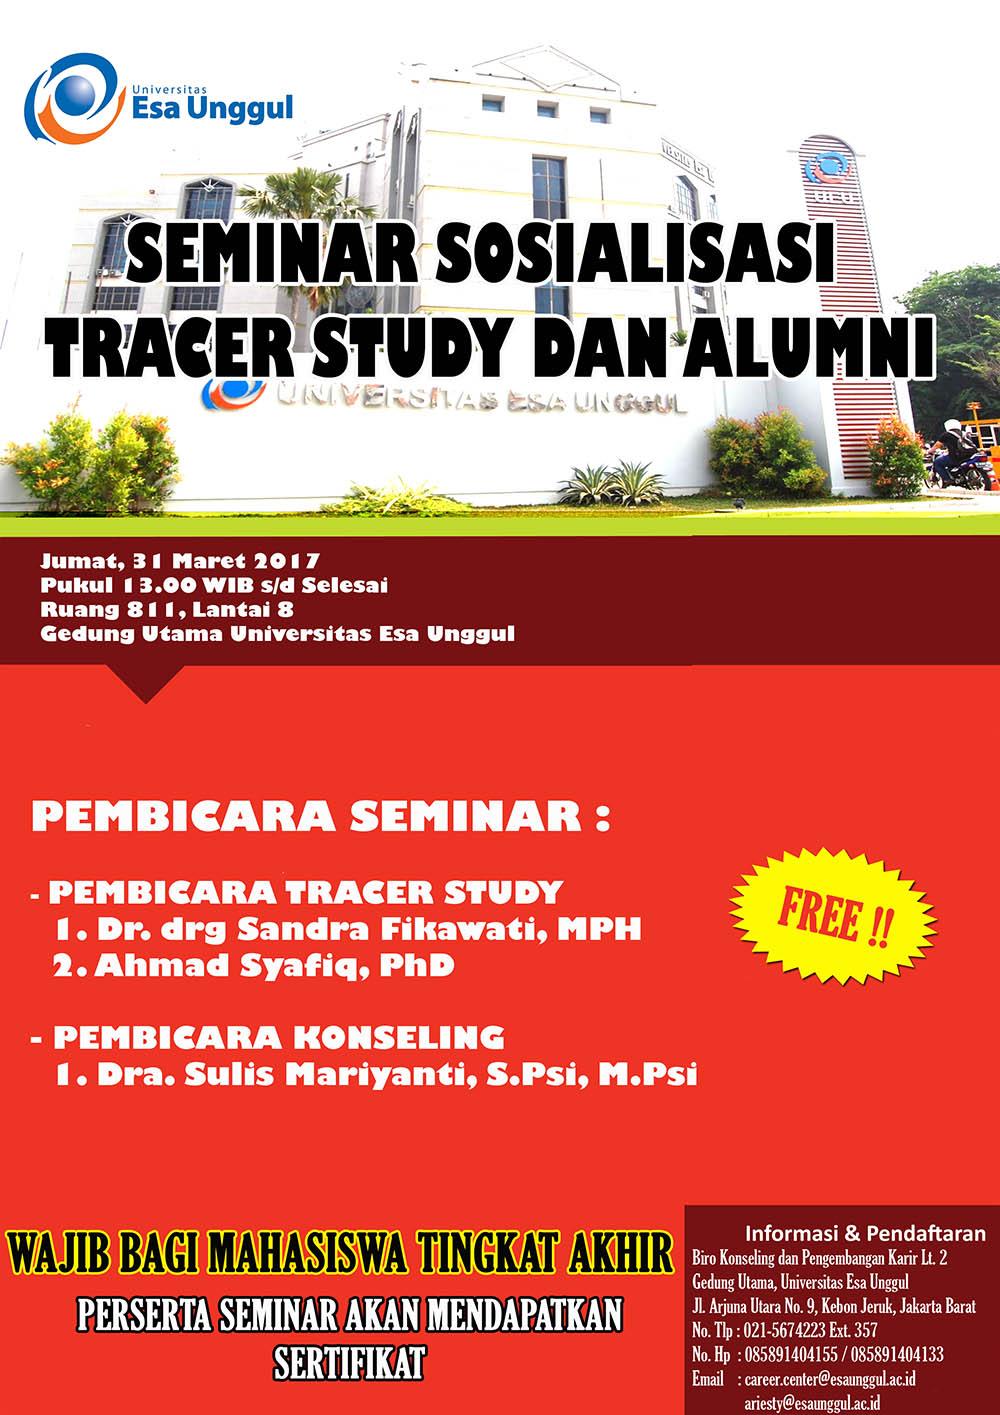 Seminar Sosialiasi Tracer Study Dan Alumni